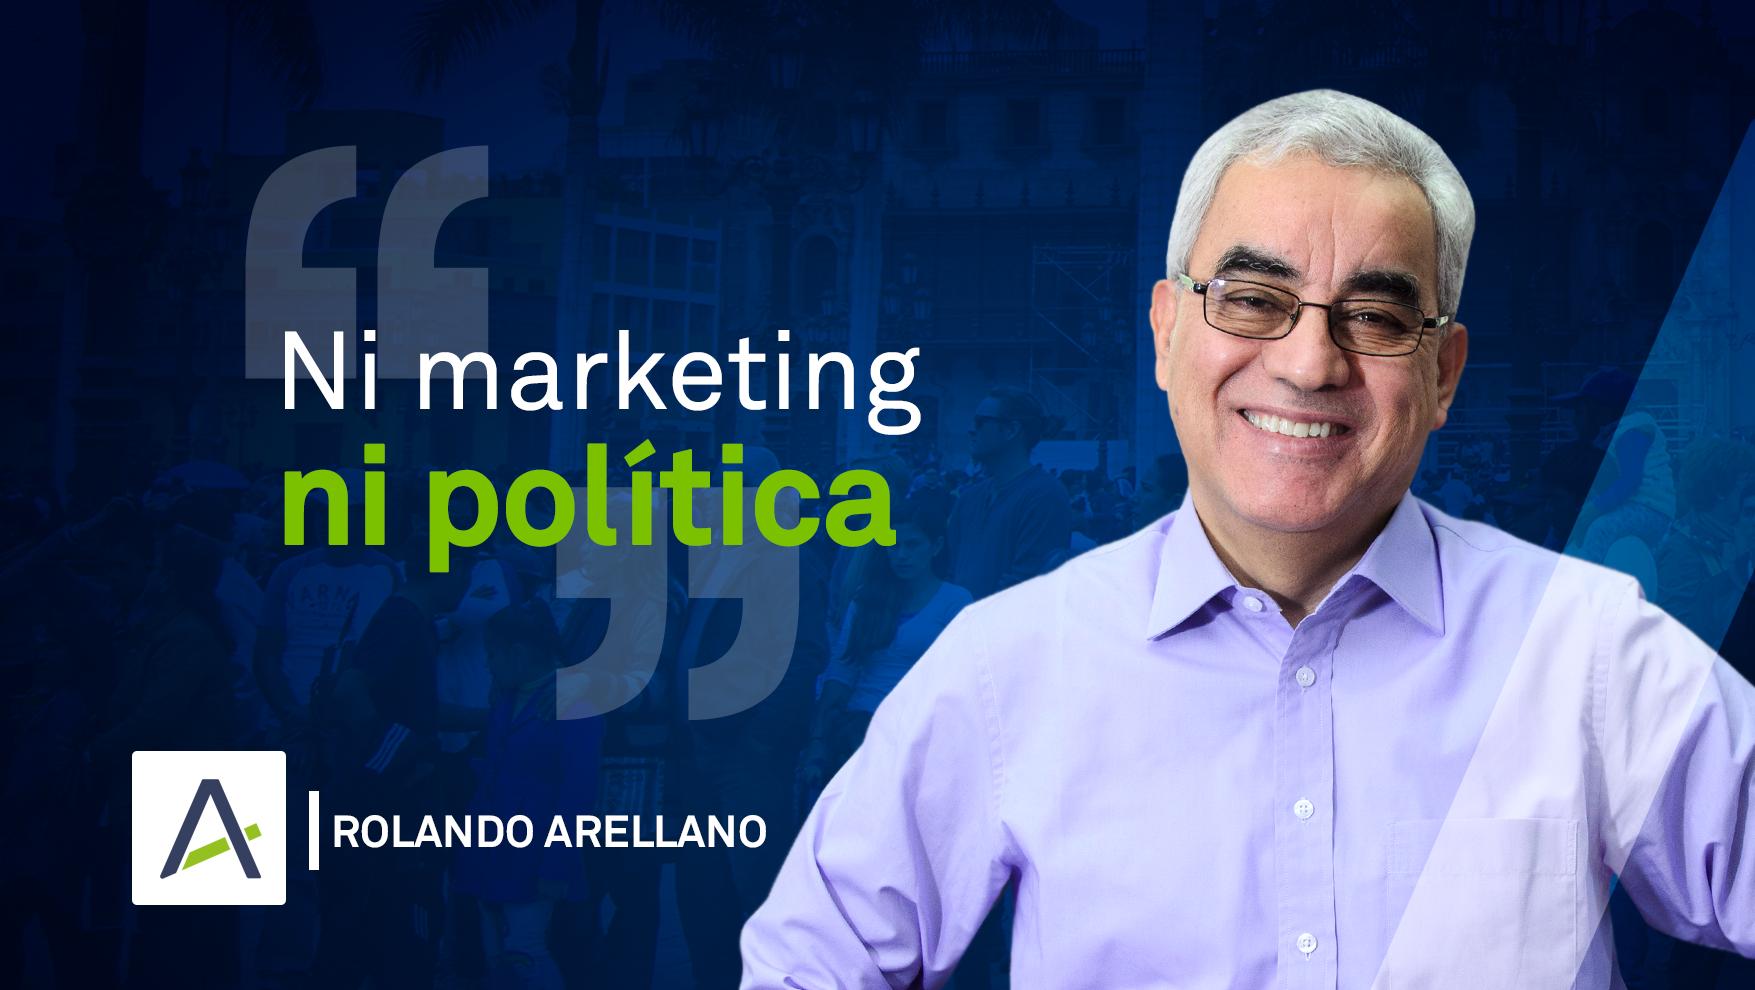 Rolando Arellano 20-05-19